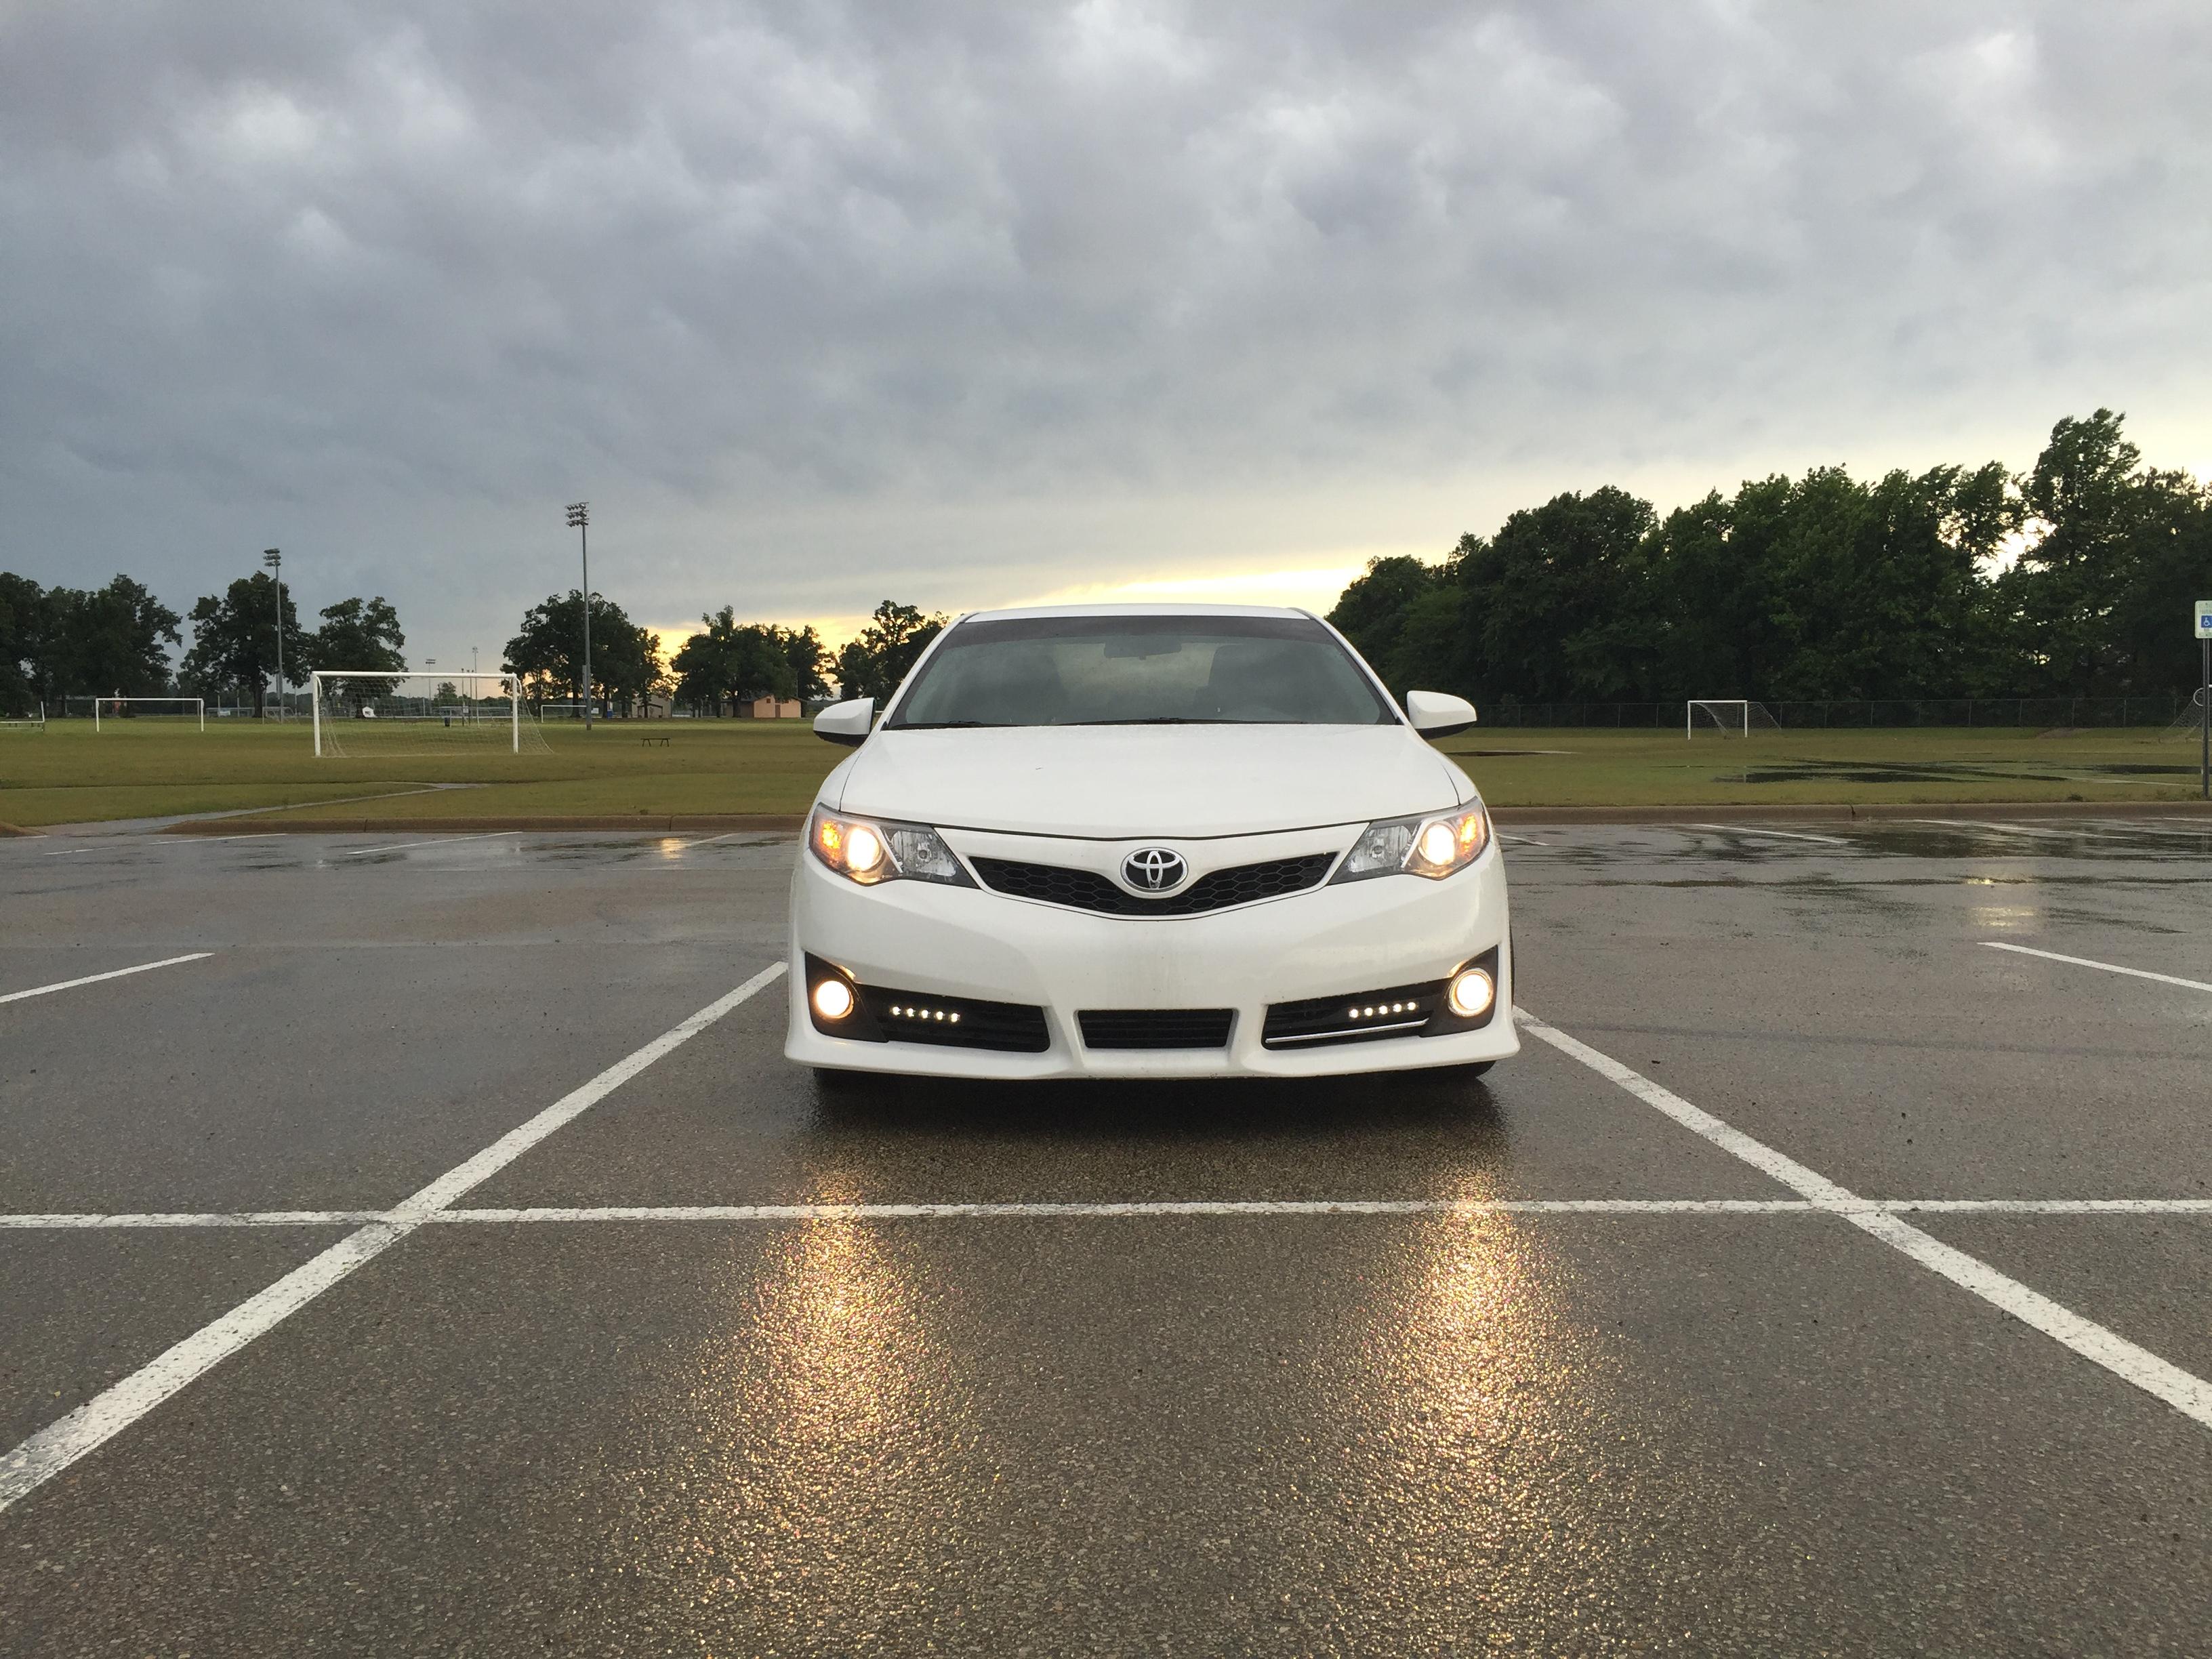 White 2014 Toyota Camry